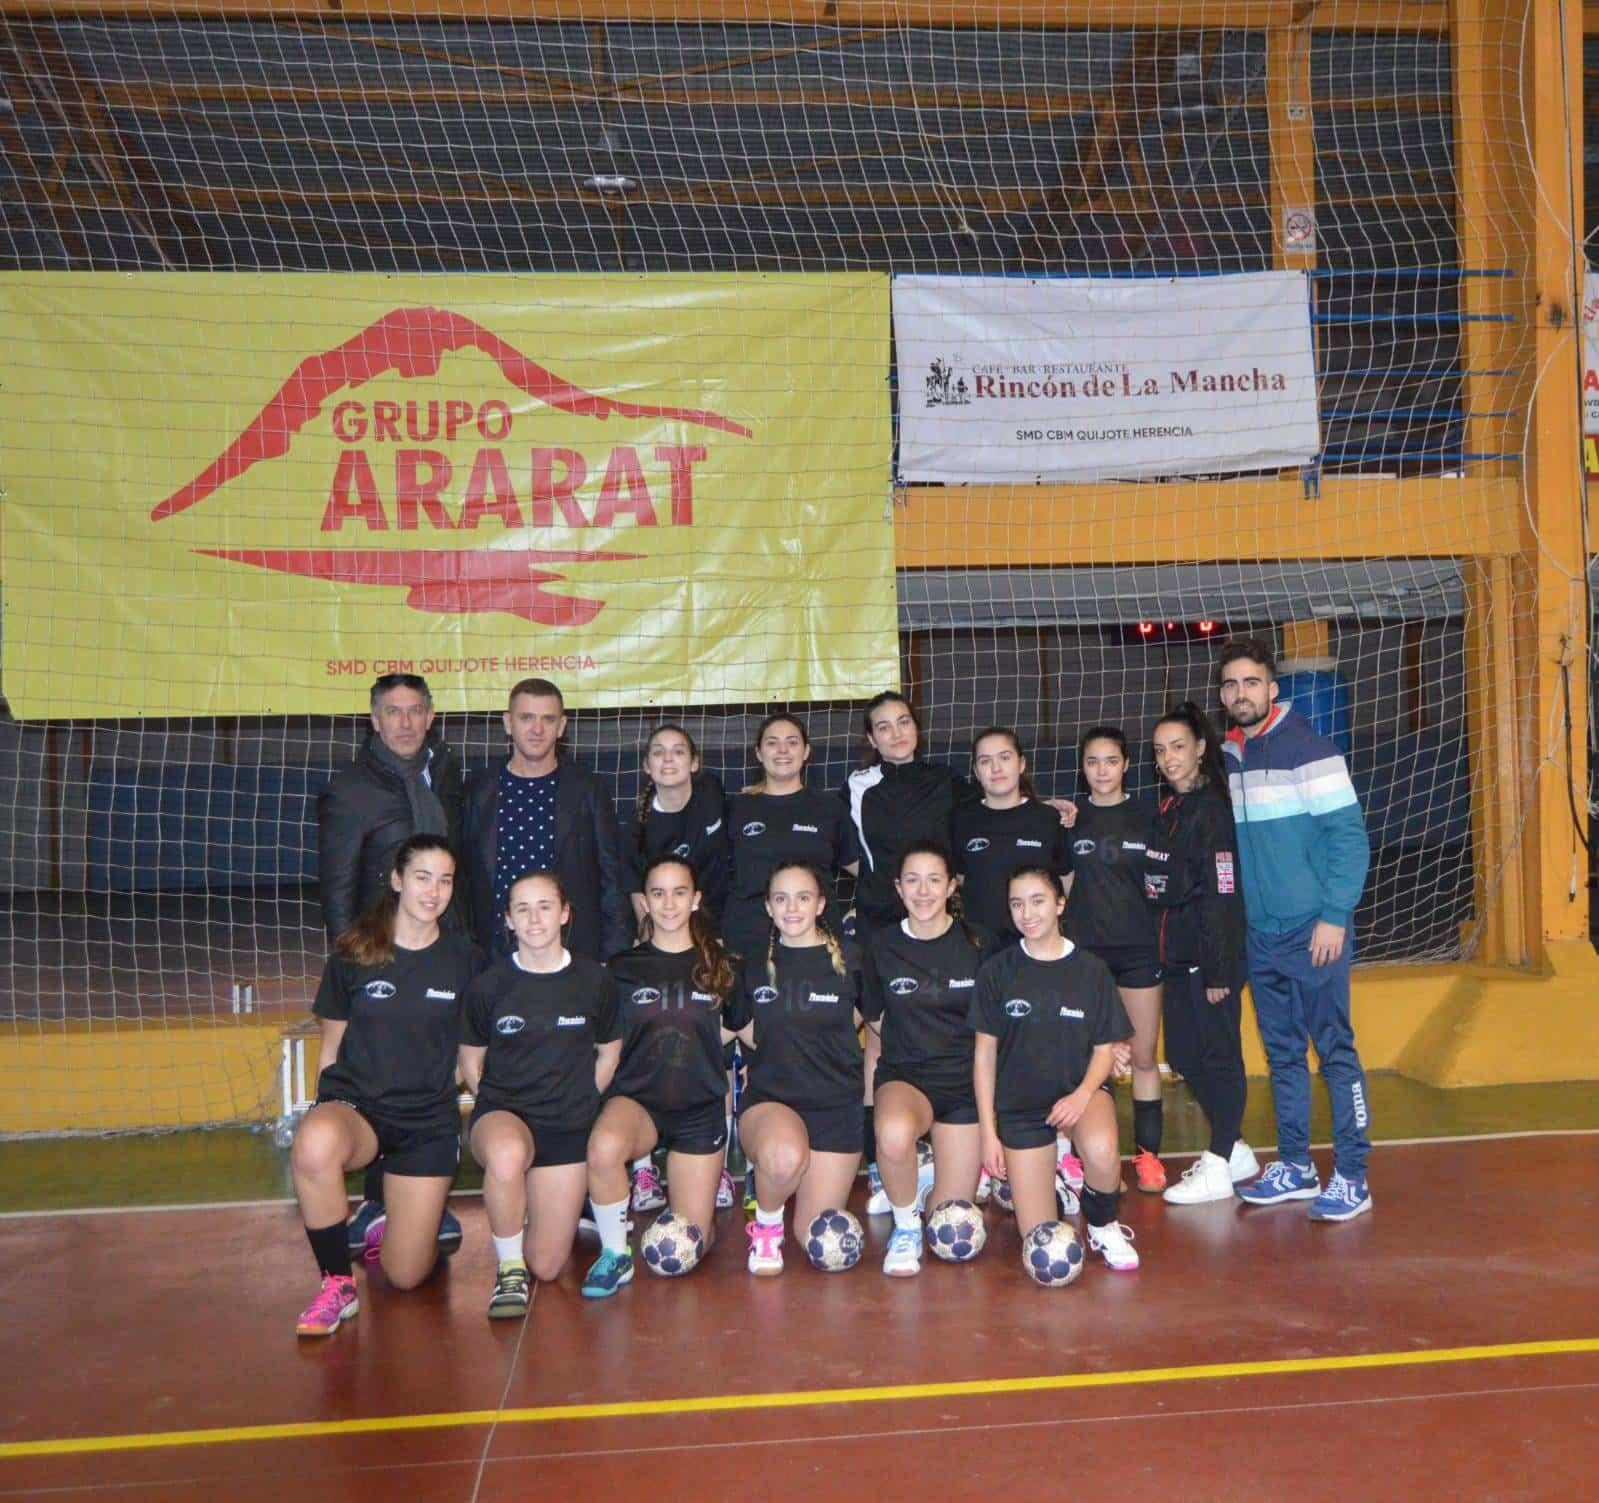 El club balonmano SMD Quijote Herencia renueva su acuerdo de patrocinio con el grupo Ararat 5